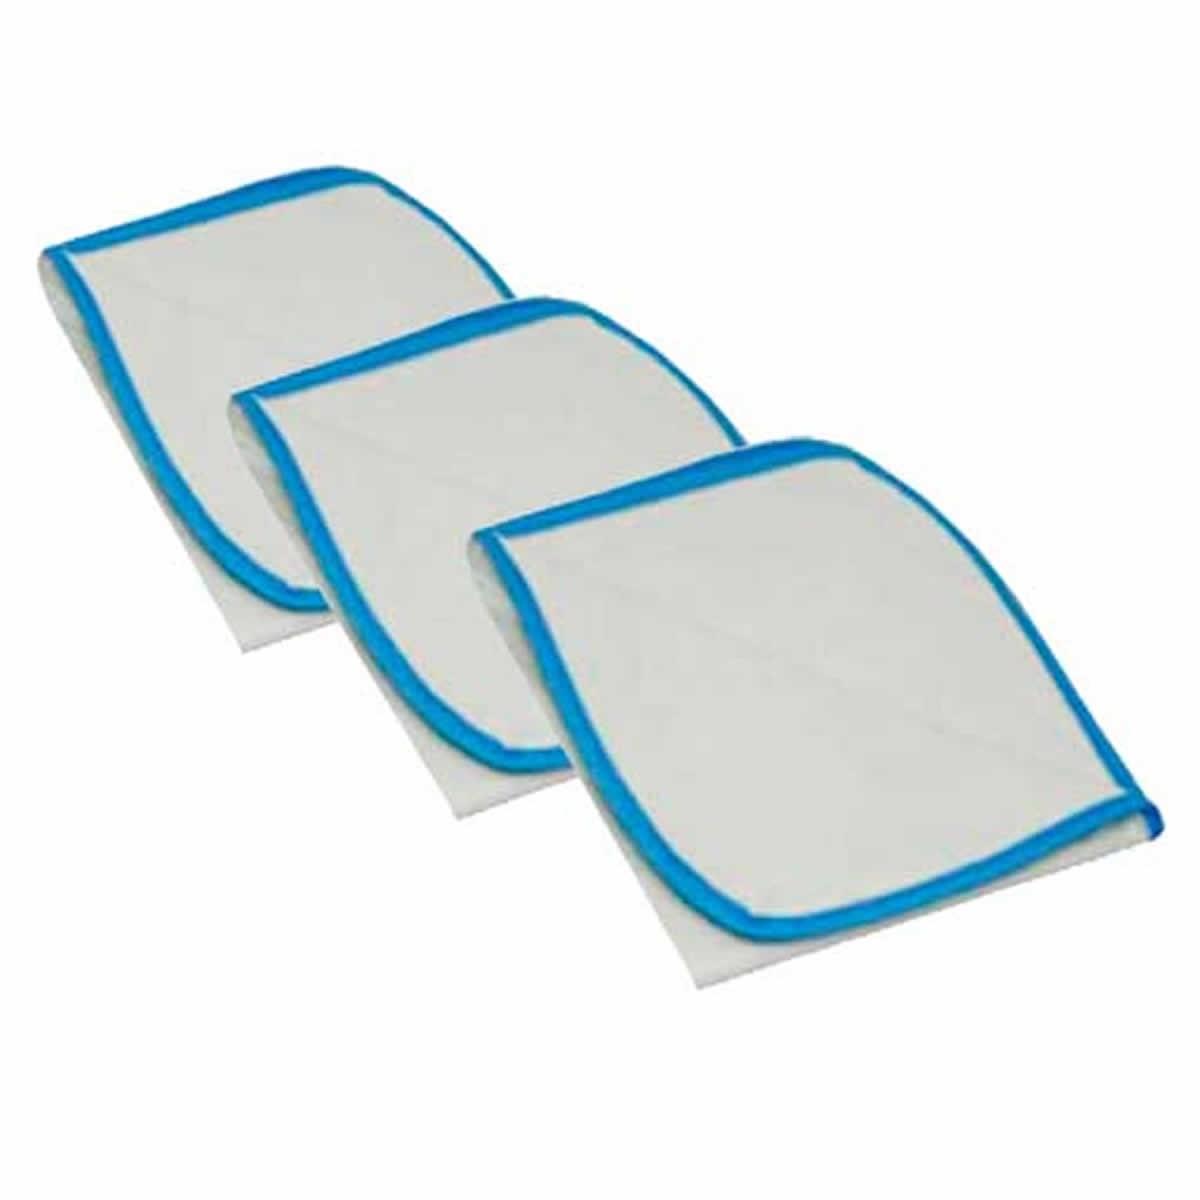 Tapete Higiênico Lavável São Pet Azul Tamanho M - Kit com 3 Unidades